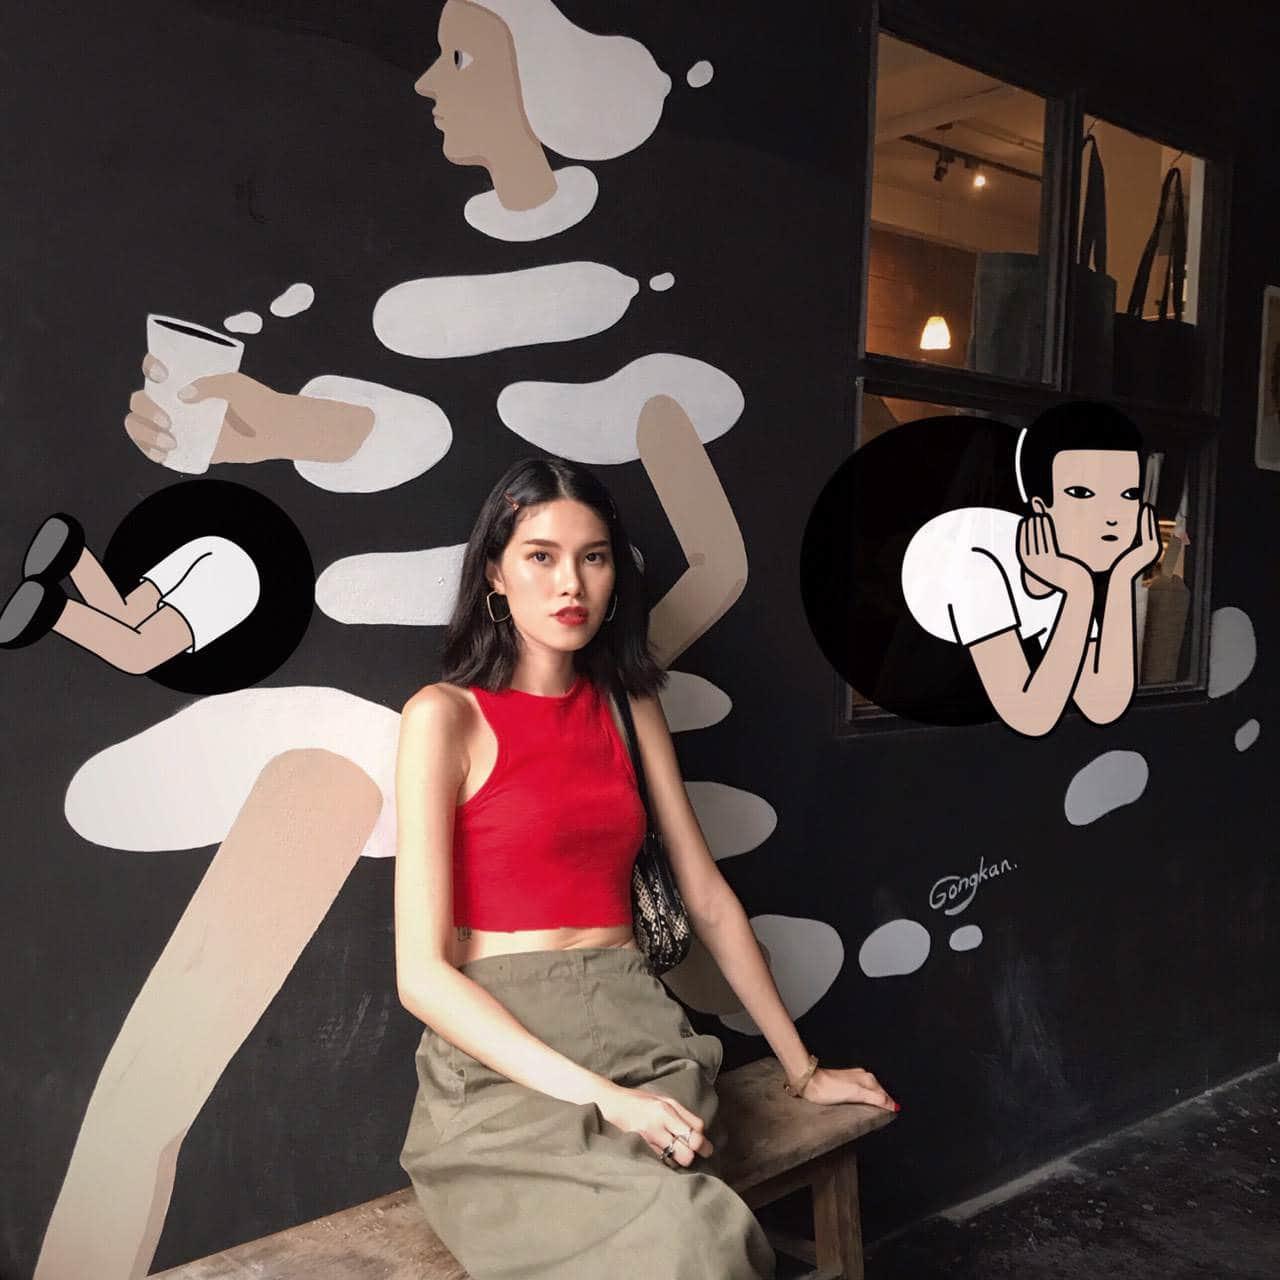 Meitu x Gongkan เชิญชวนแฟนๆ ร่วมถ่ายรูปกับผลงานของก้องกานชิงรางวัลสุดพิเศษ 4